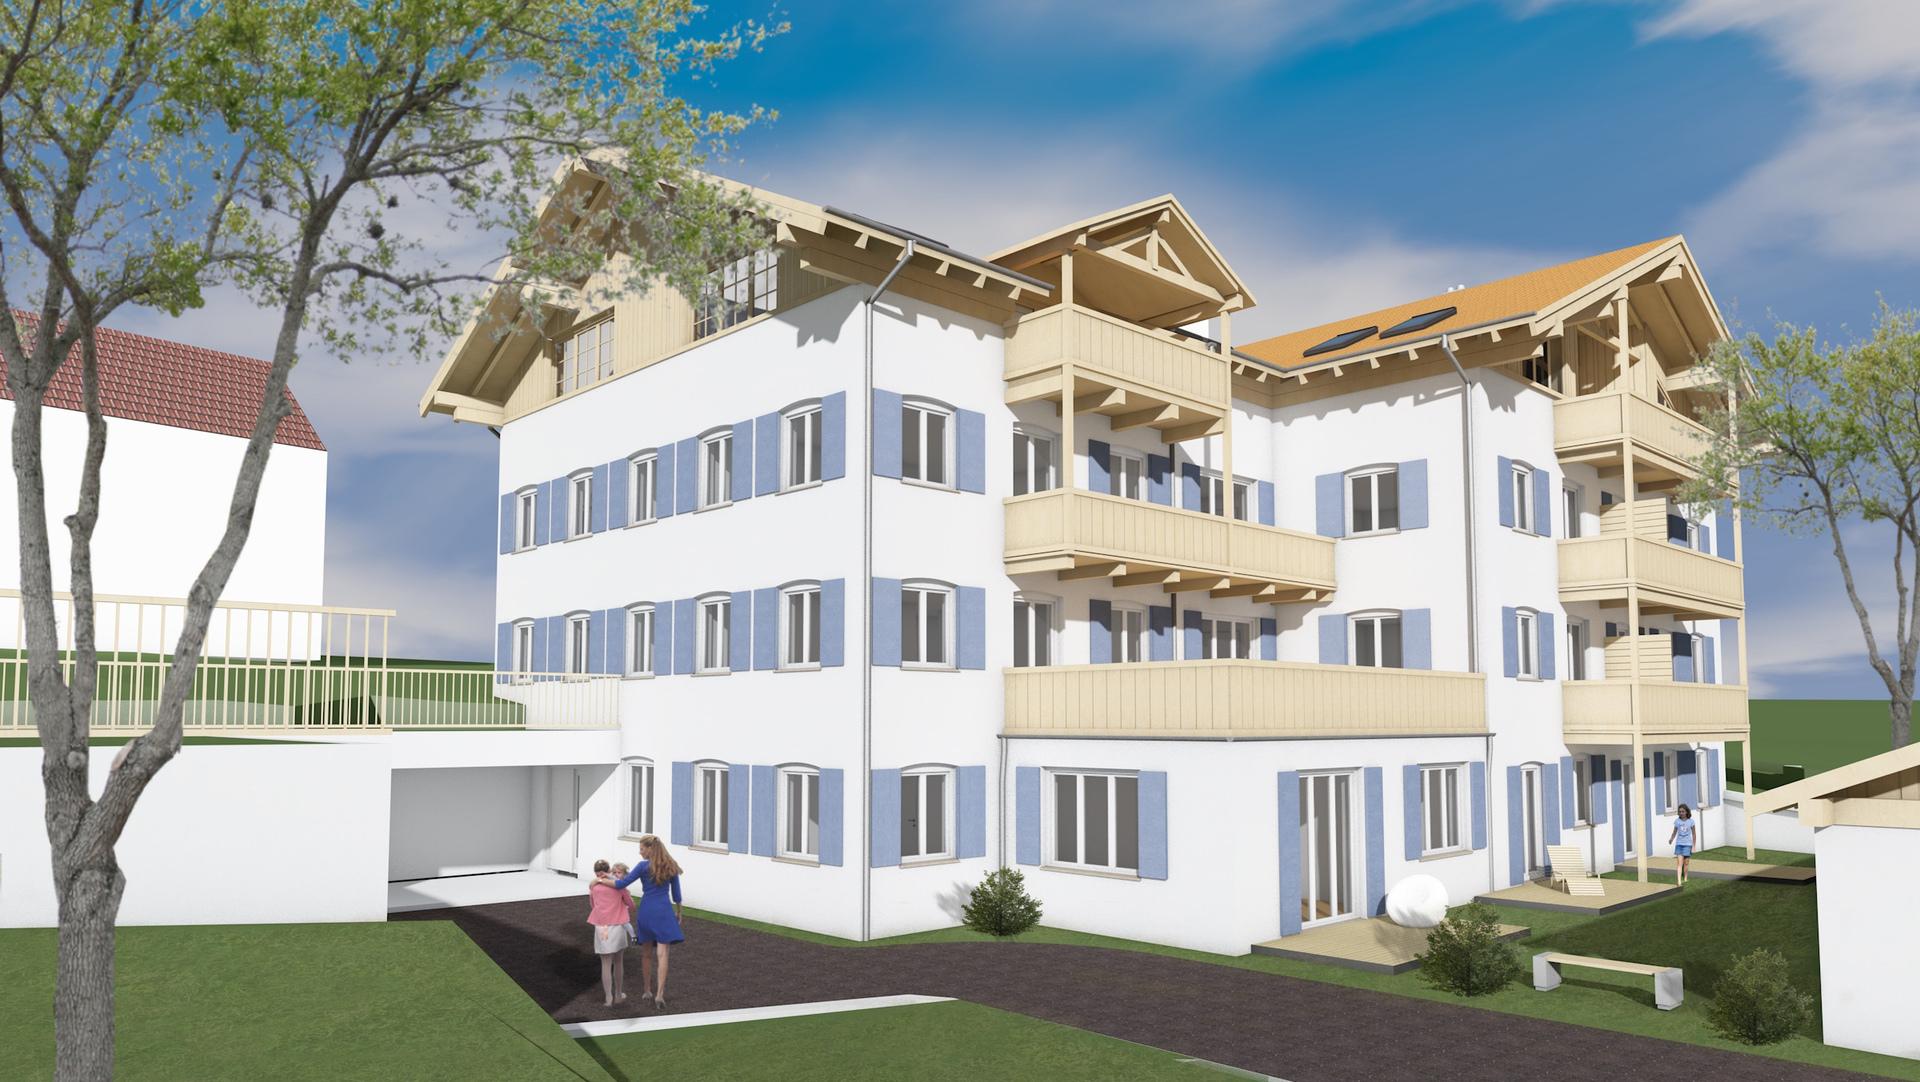 Atriumhaus München projekte